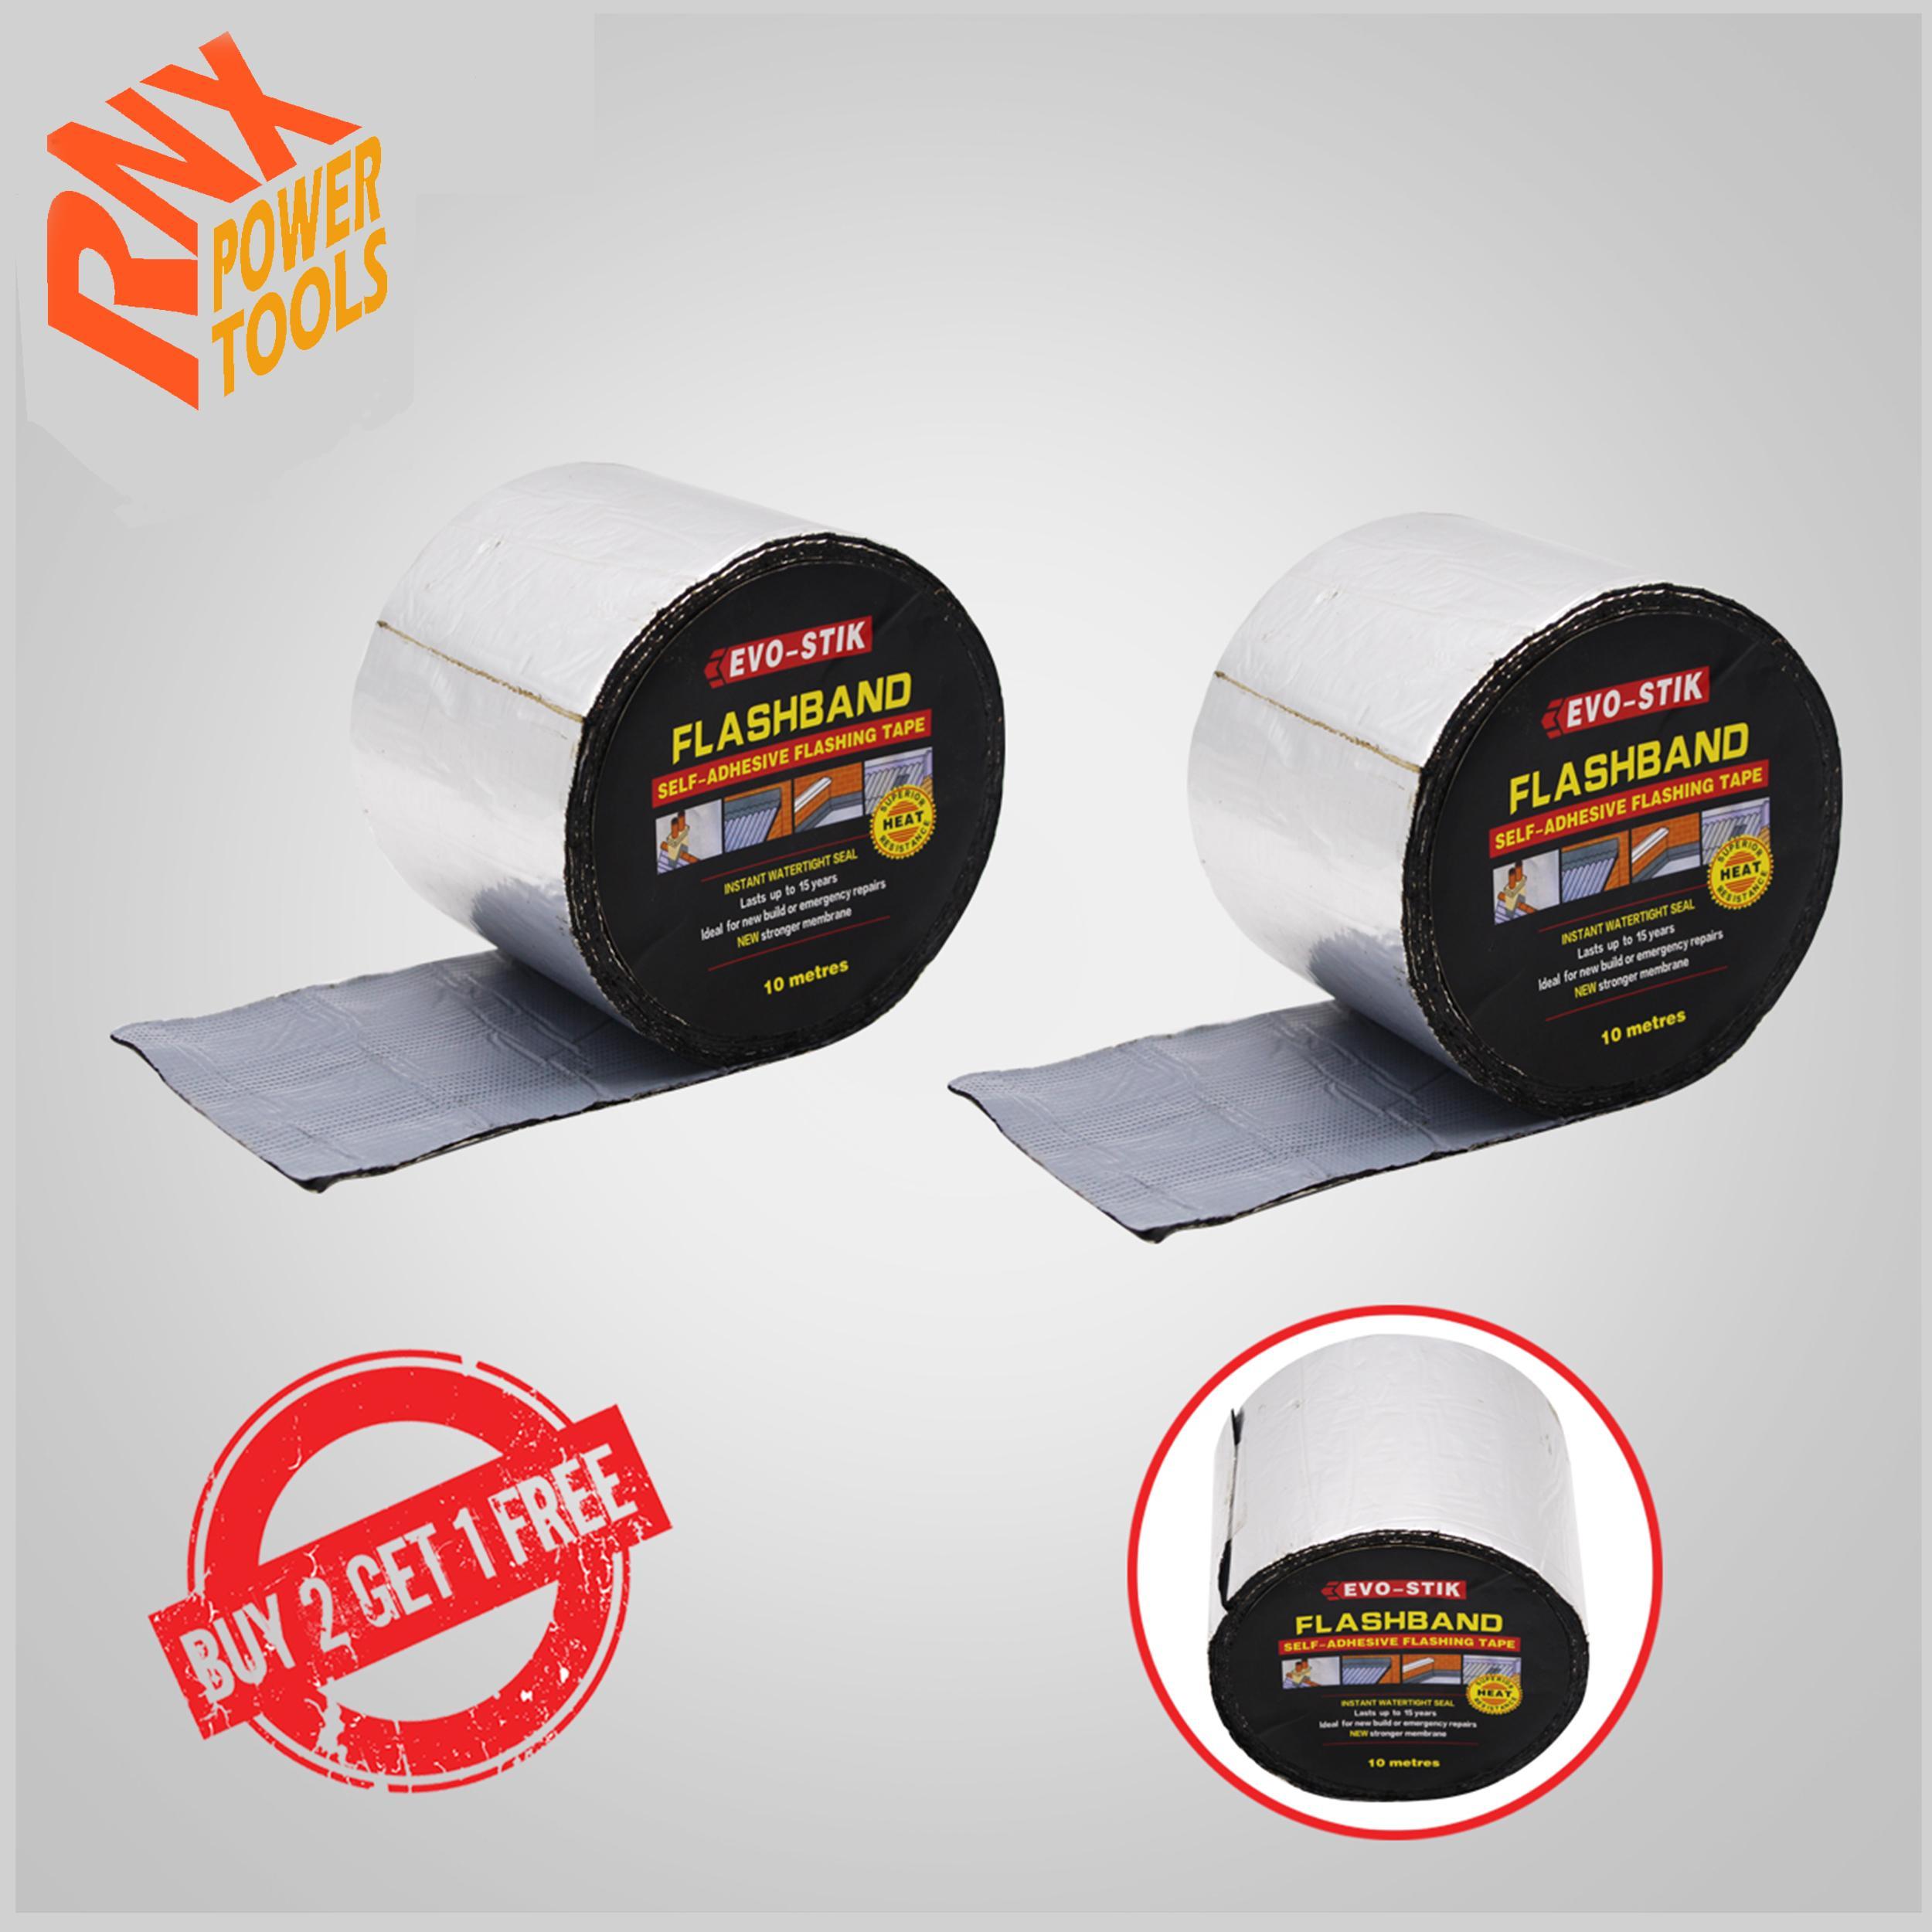 Buy 2 Get 1 Evo-Stik Flashband Self-Adhesive Flashing Tape (4